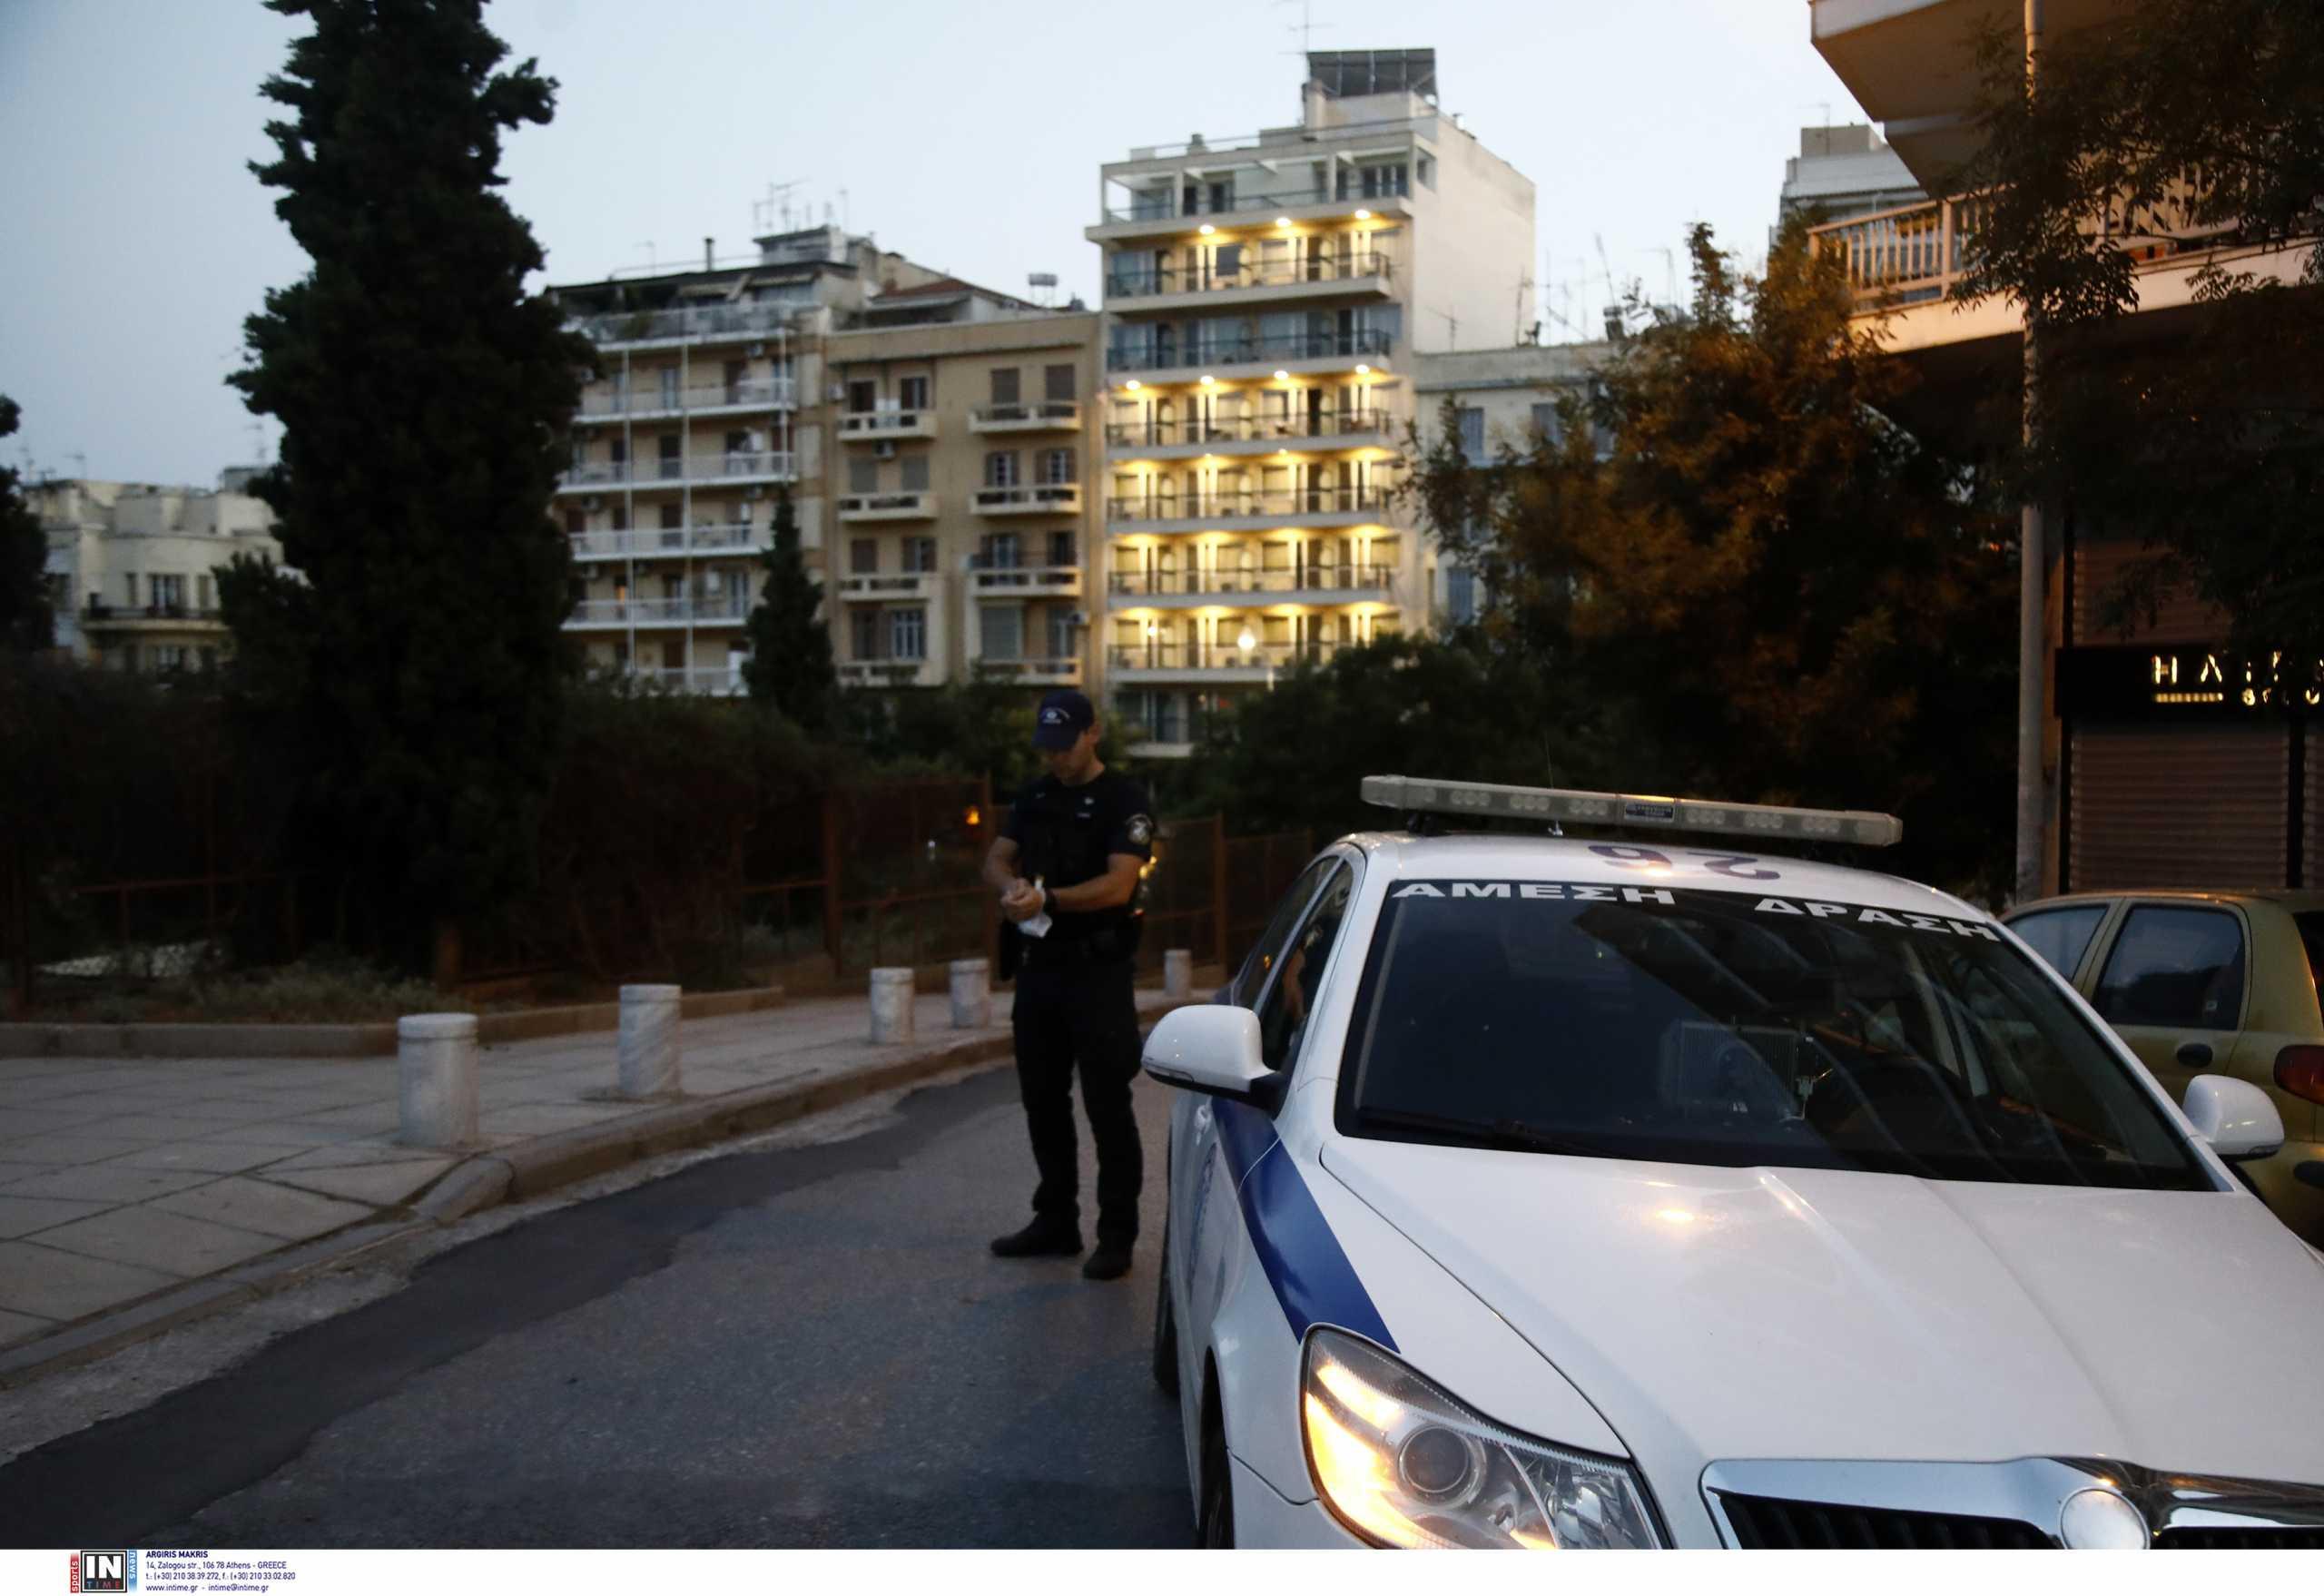 Θεσσαλονίκη: Φάρσα το email για βόμβα σε ξενοδοχεία της πόλης